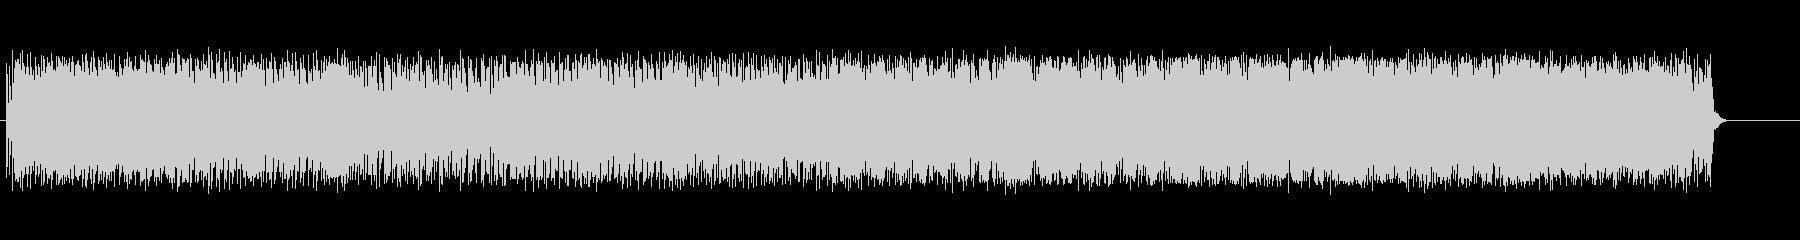 8ビートの疾走のポップフュージョンの未再生の波形